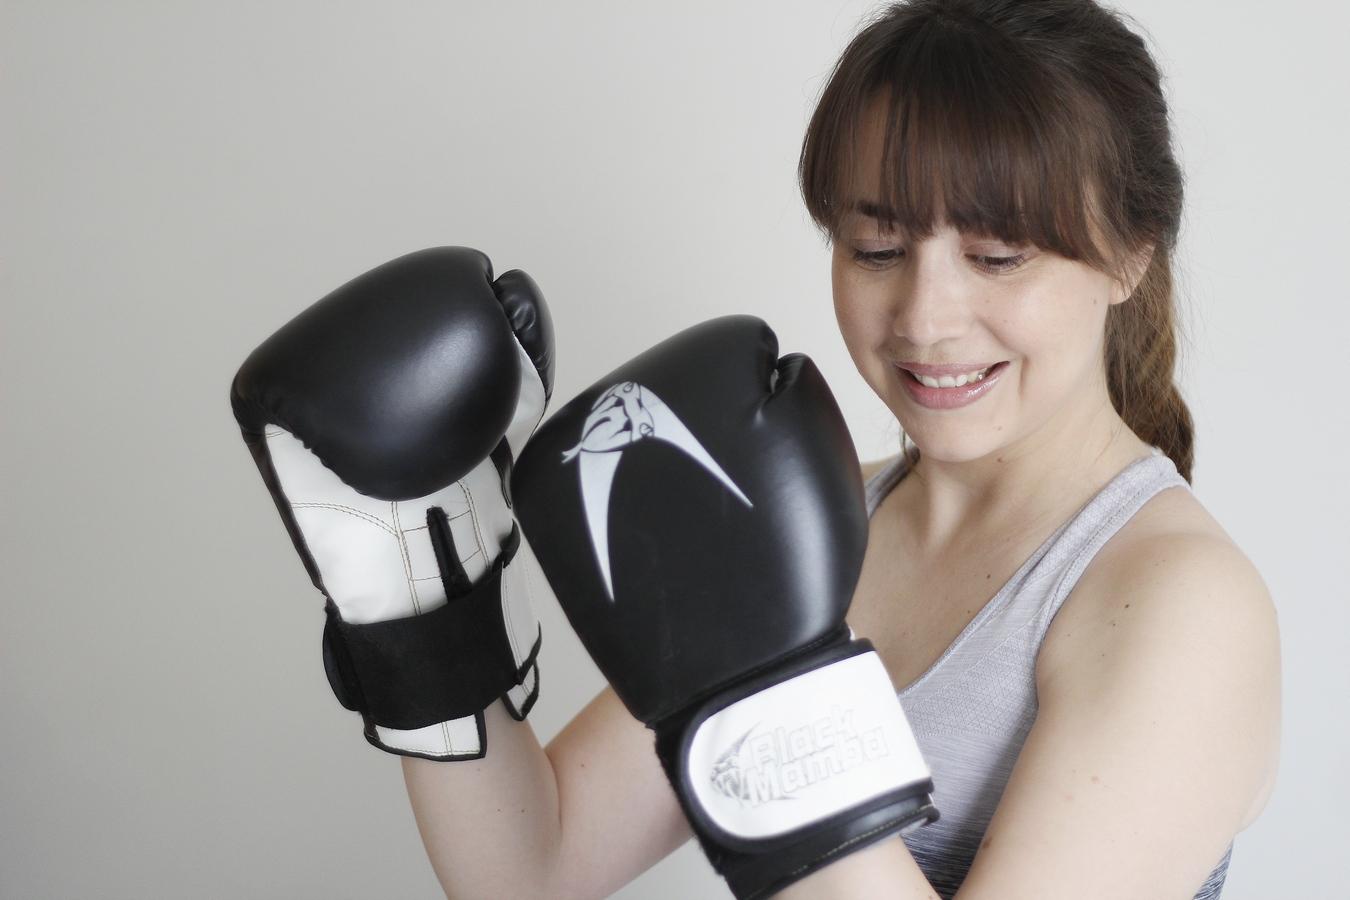 du style, madame - sport facile - remise en forme - sport pour les nuls - boxe